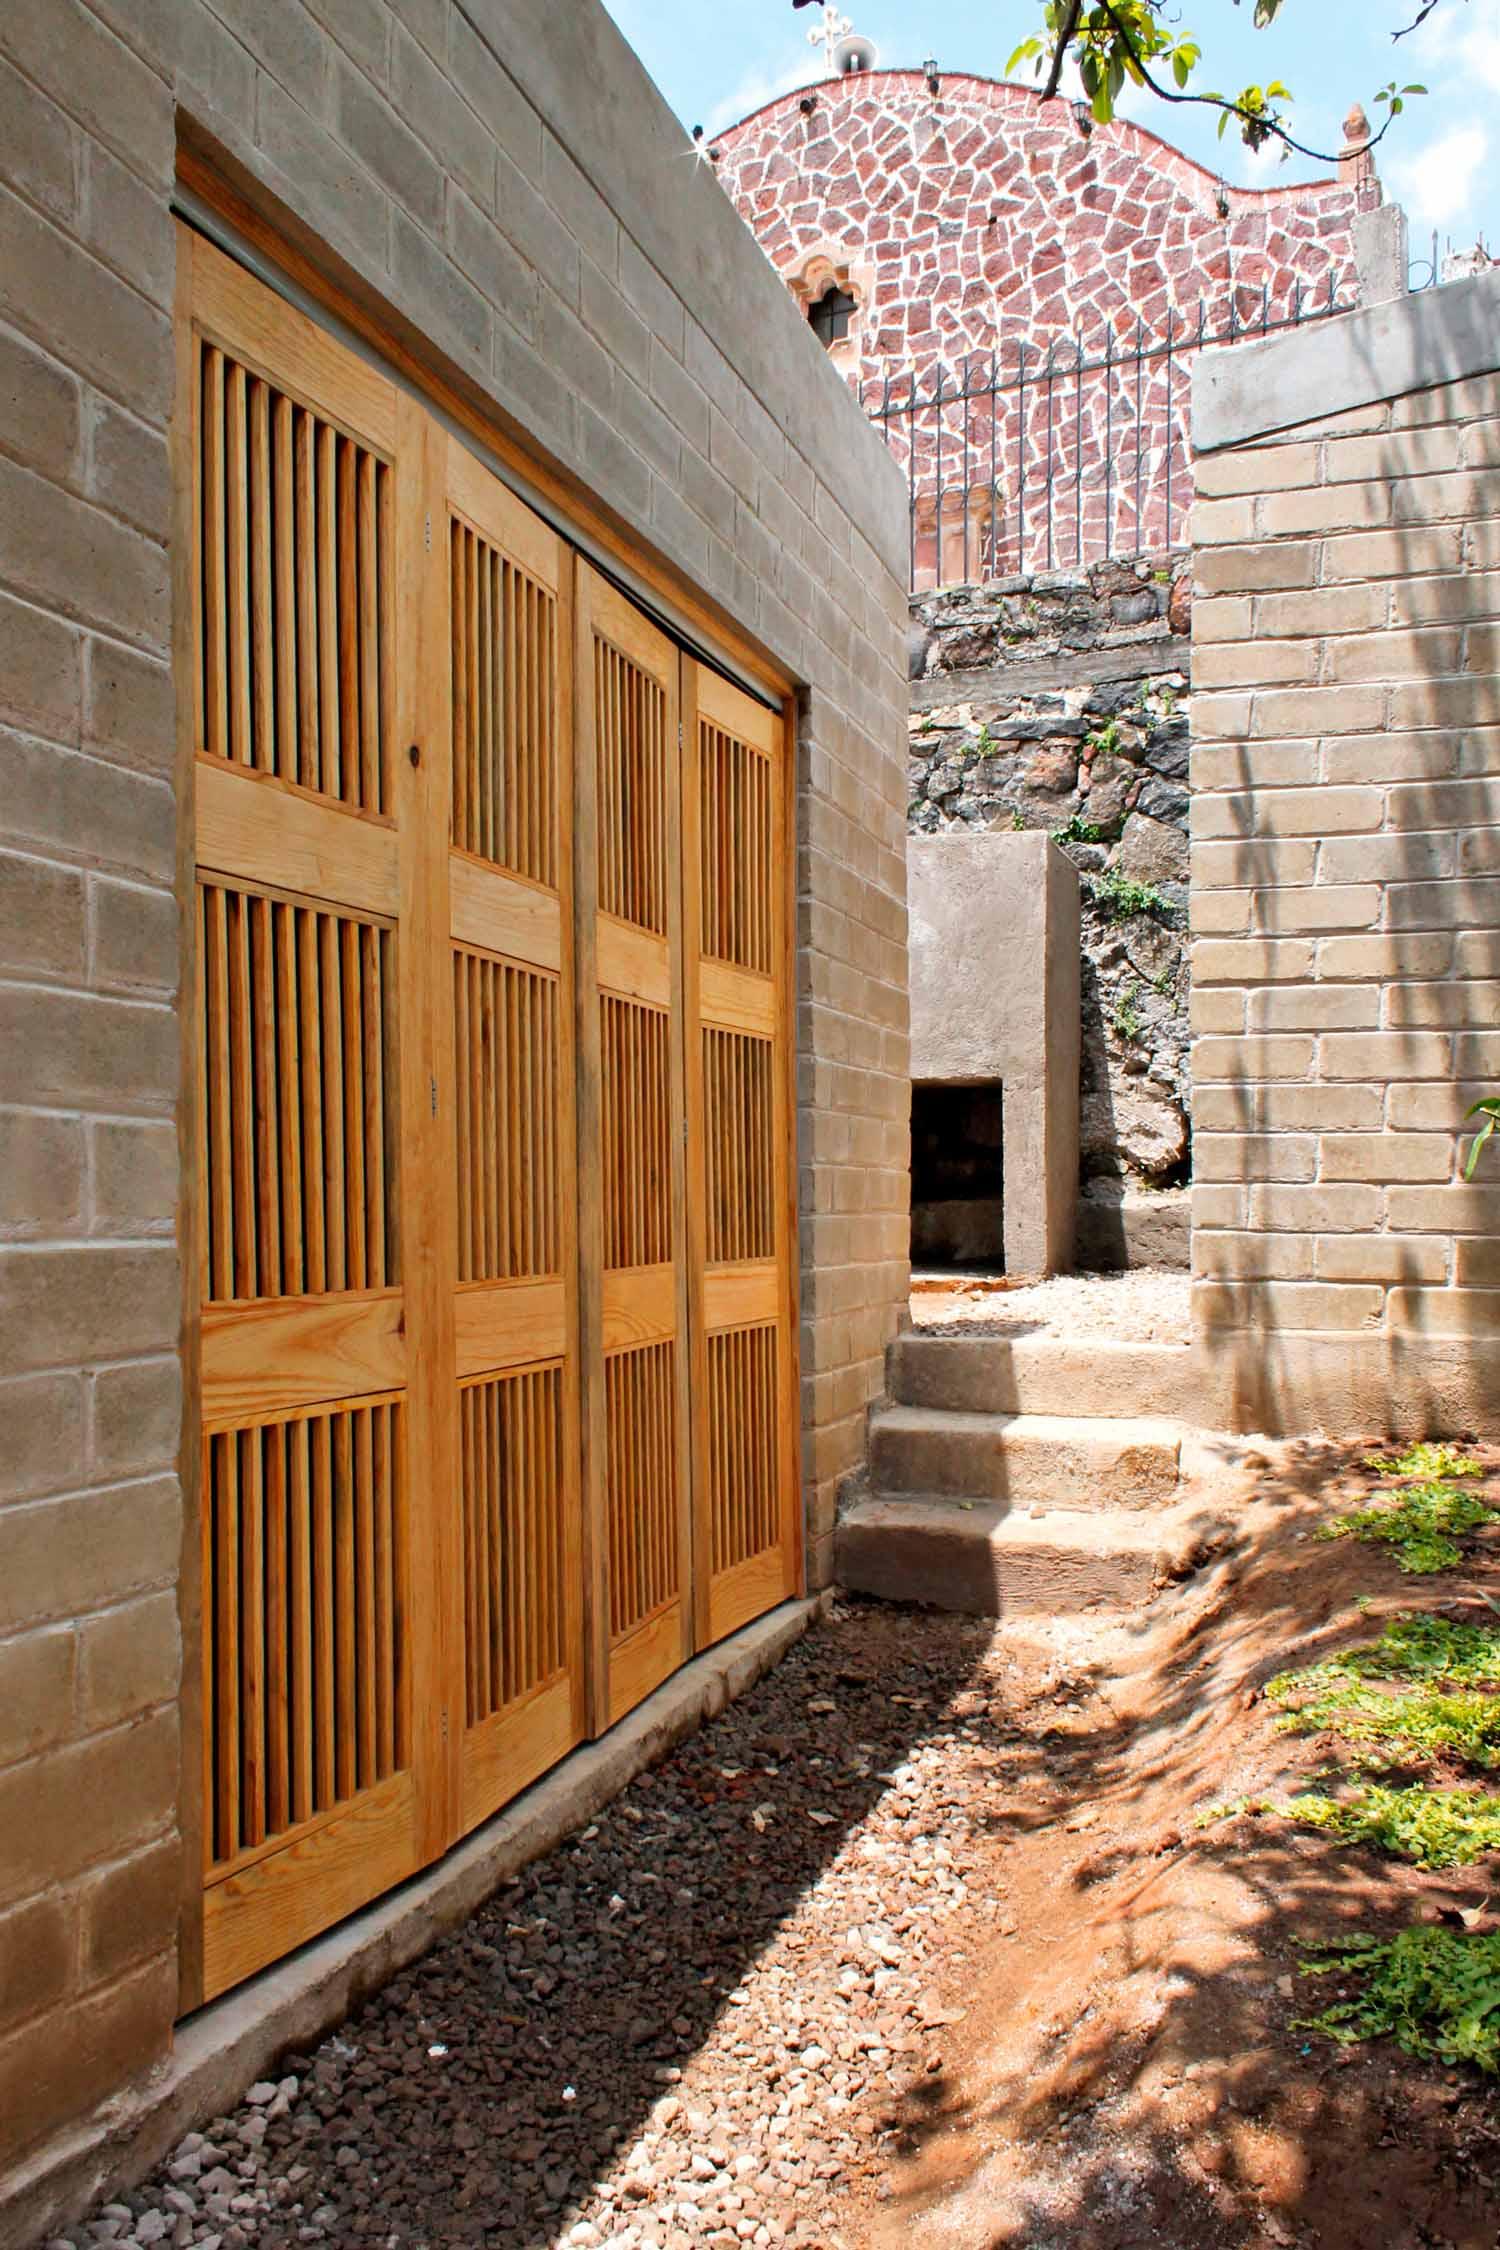 Casa Marbel Progetto realizzato nell'ambito del programma ReconstruirMX, Messico, 2018. © Percibald García, cour